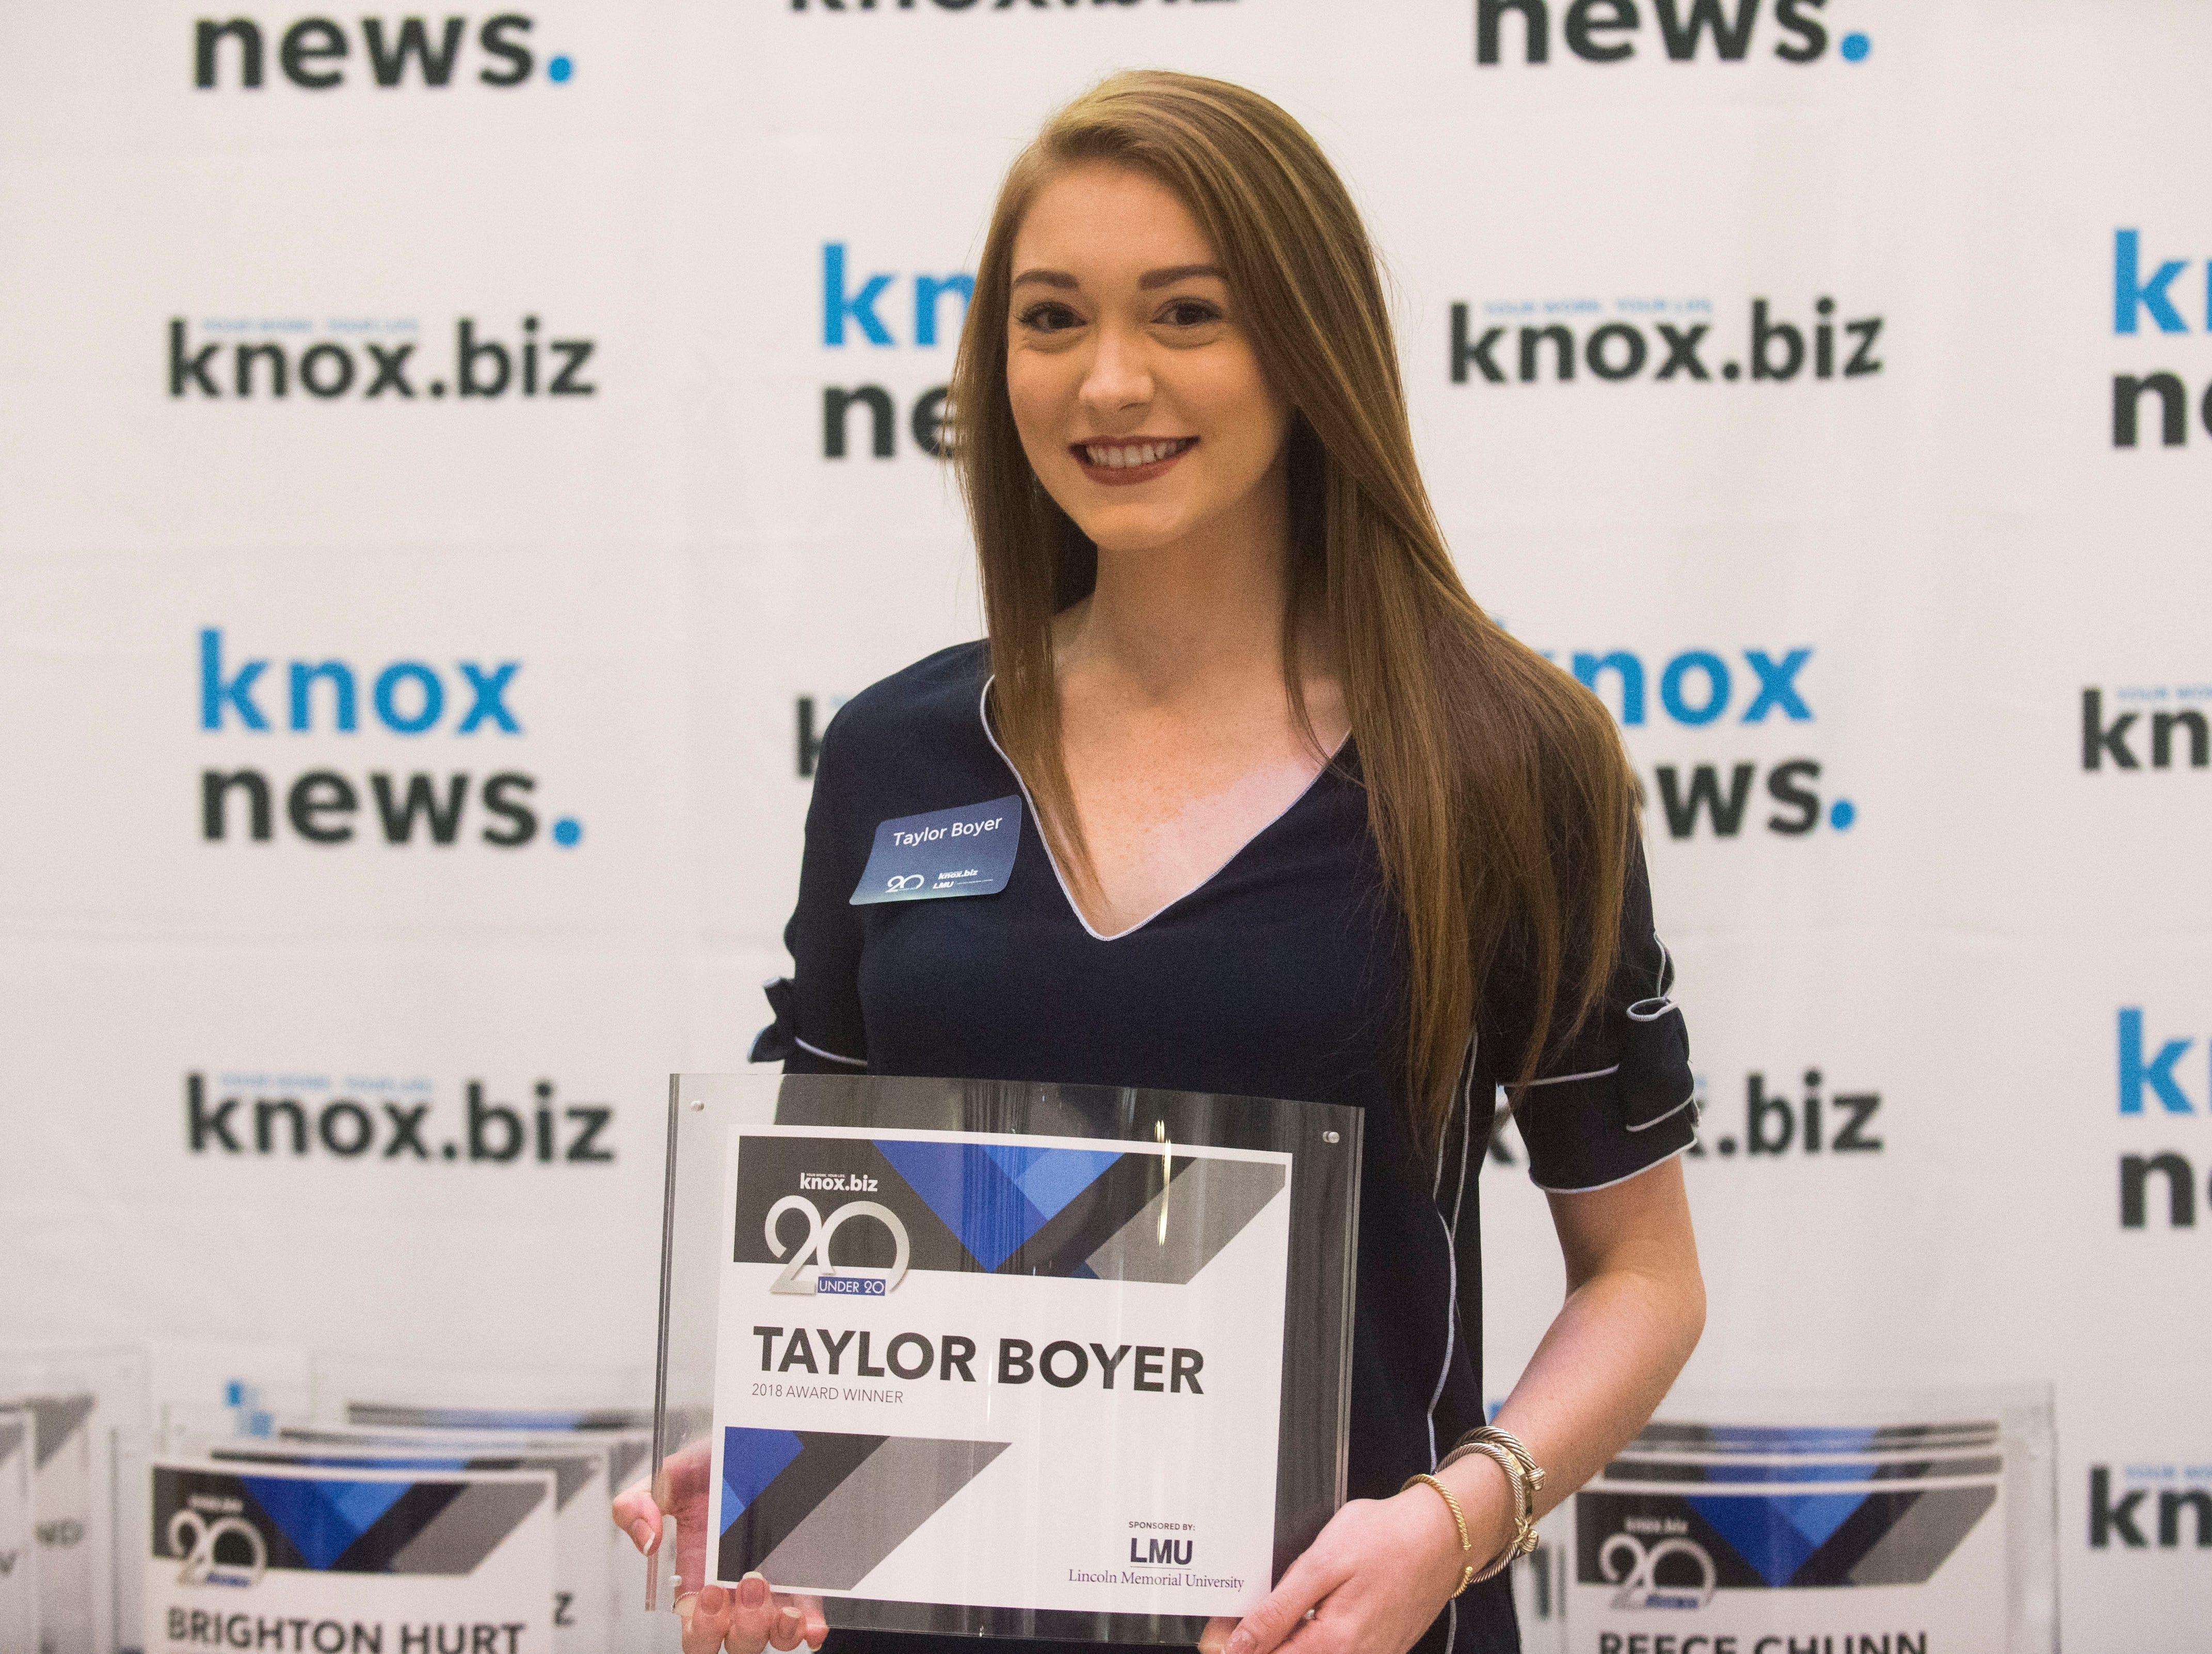 Taylor Boyer, 20 under 20 award recipient.